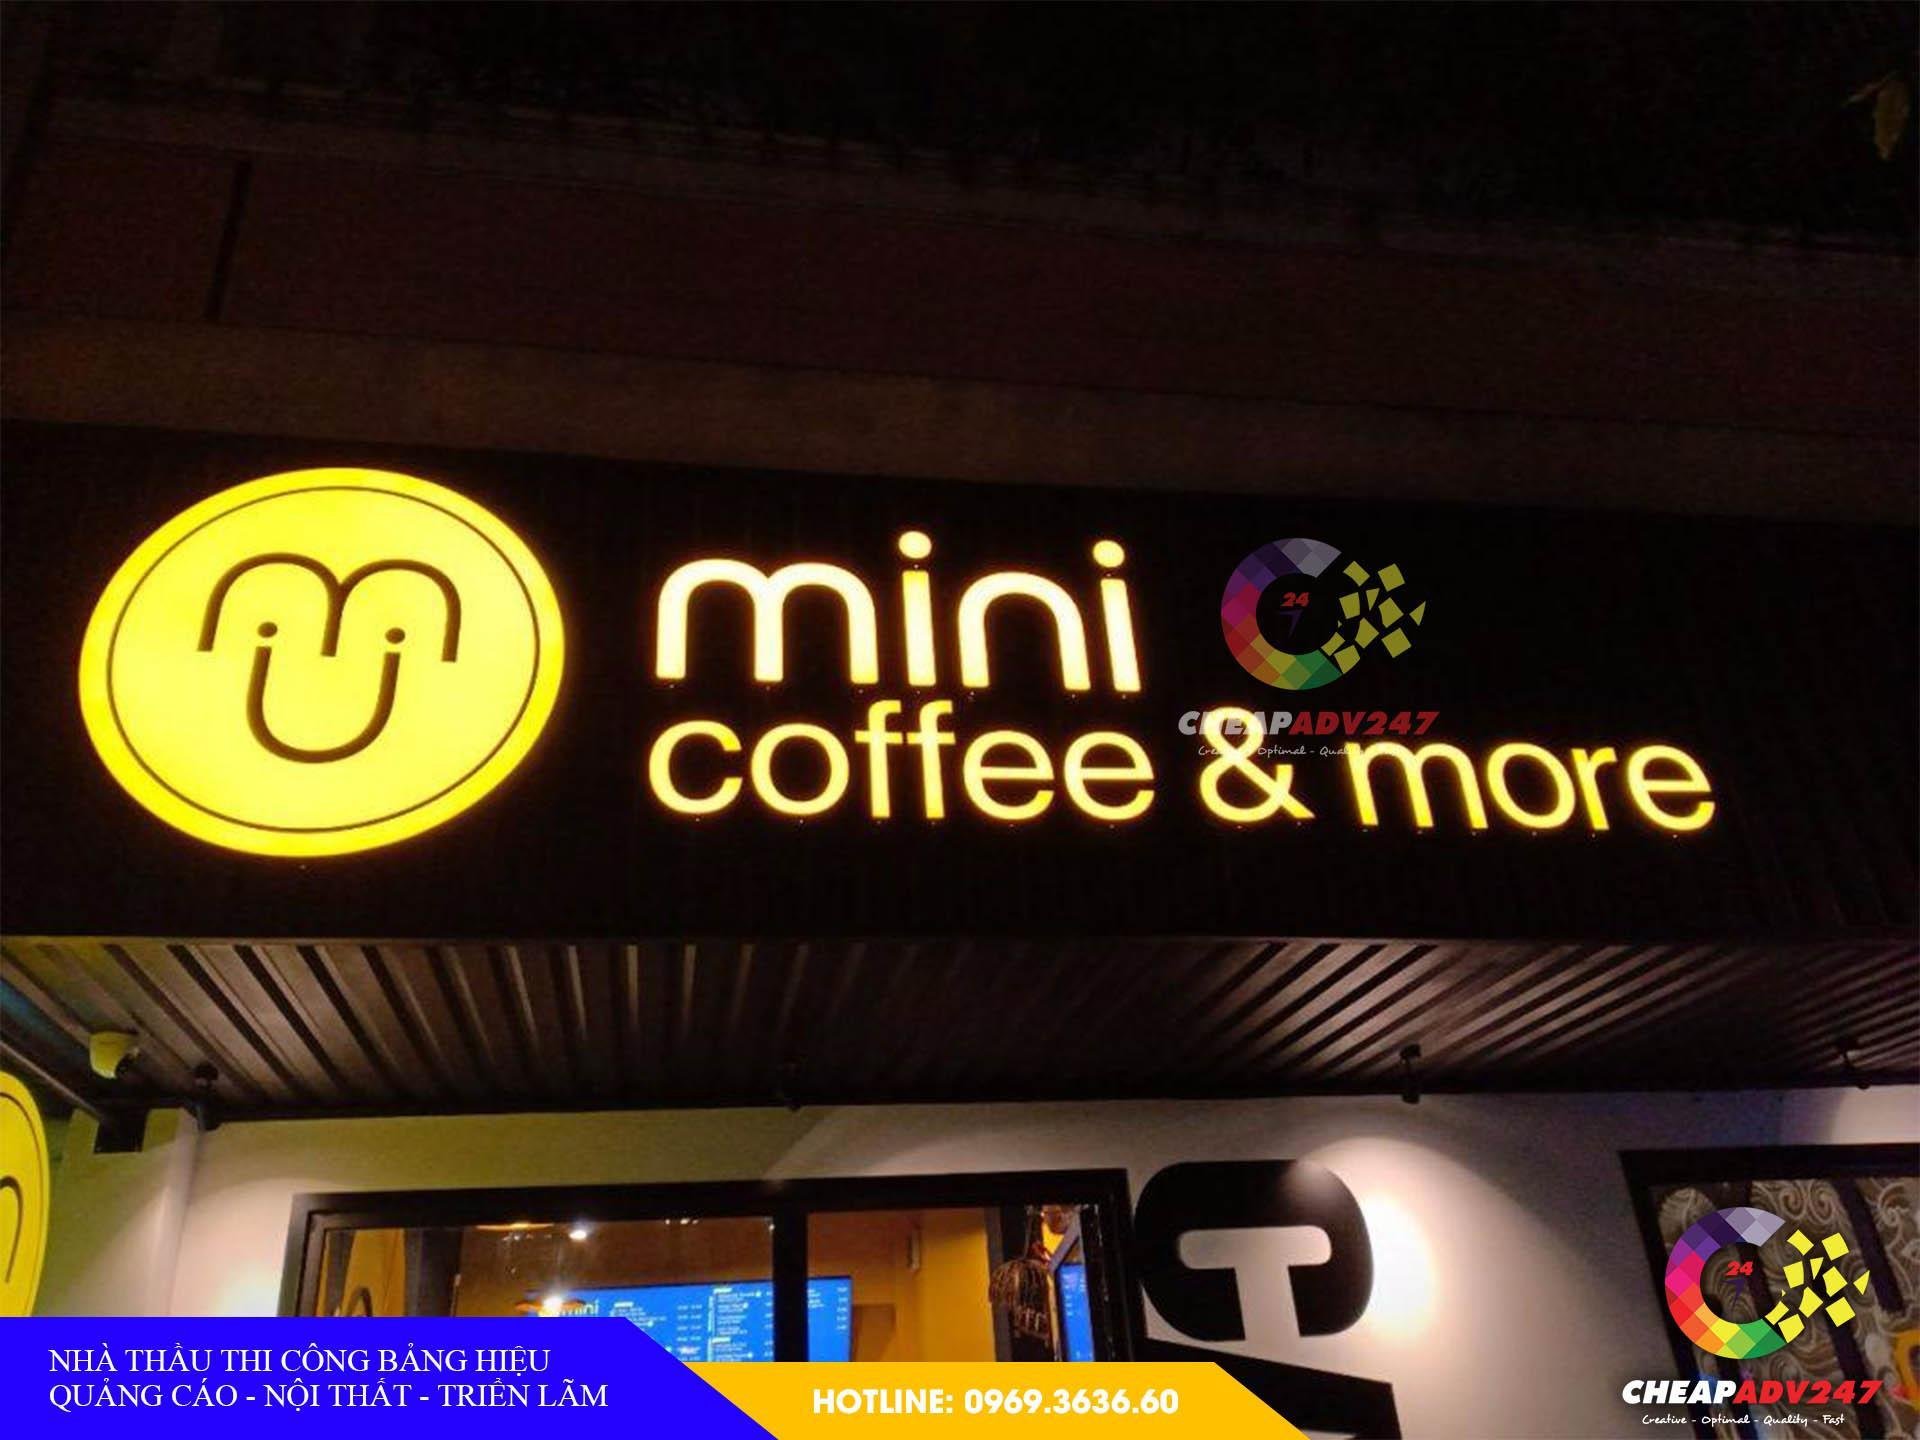 Mẫu biển hiệu quán cà phê tại cheapadv247 - ảnh 3